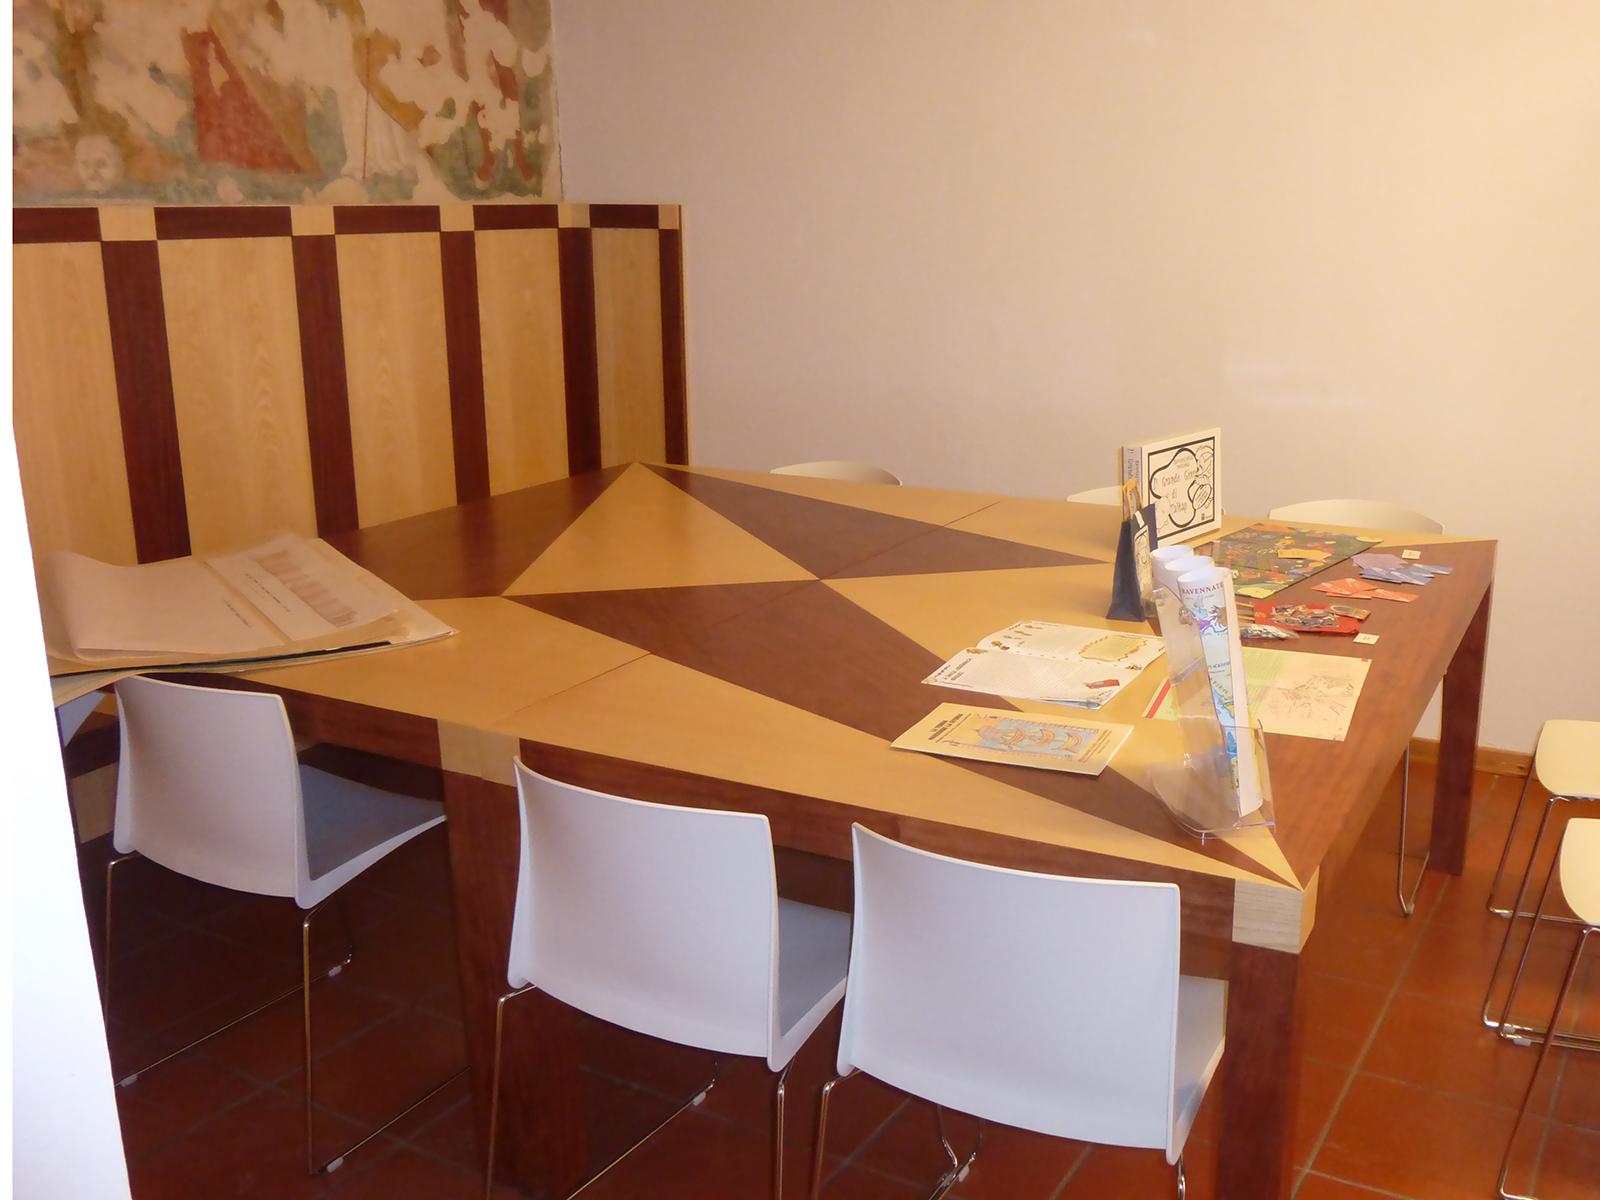 Arredi su misura Forlì Cesena, tavolo intarsiato museo di Forlimpopoli –Farolfi Arredamenti